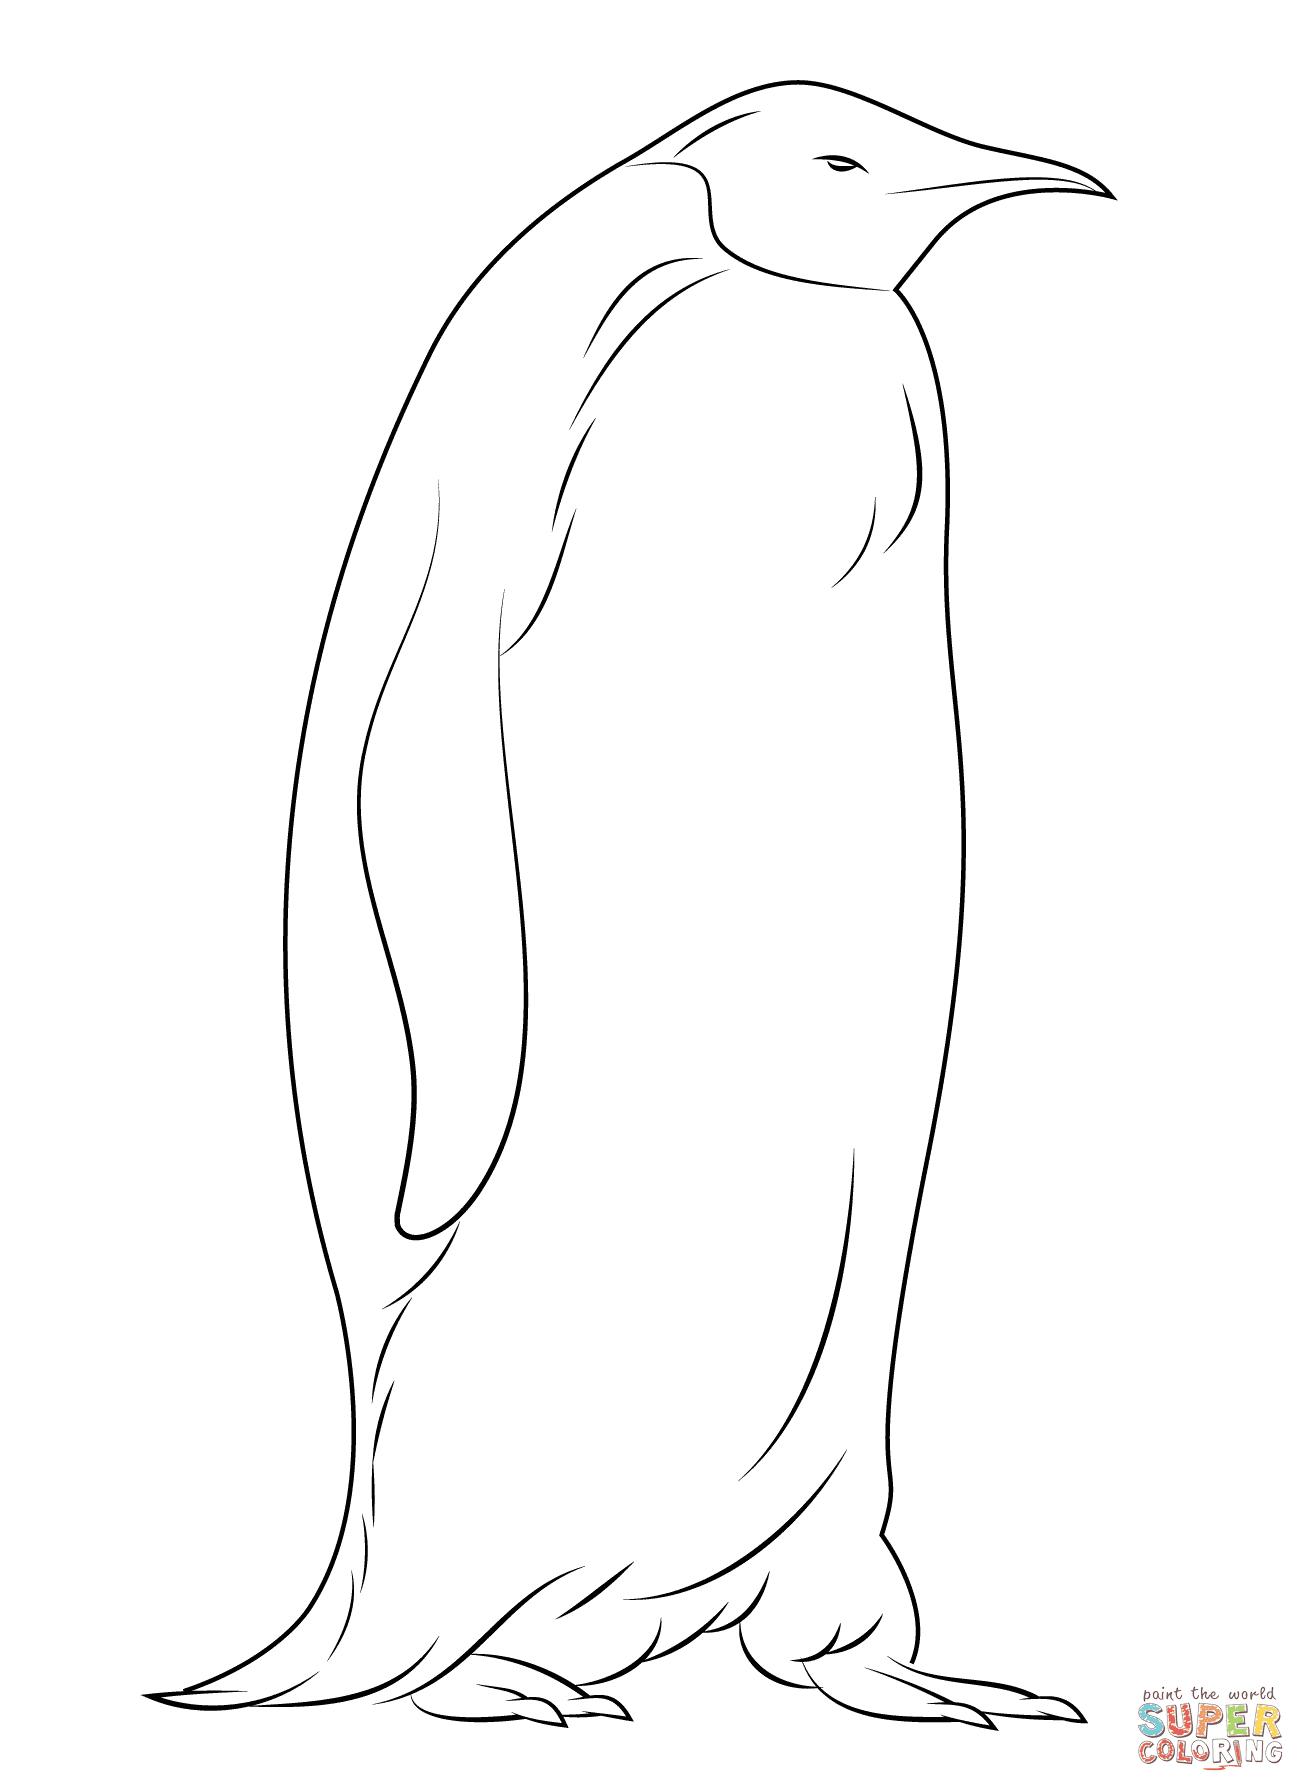 Disegni Di Pinguini Da Colorare Pagine Da Colorare Stampabili